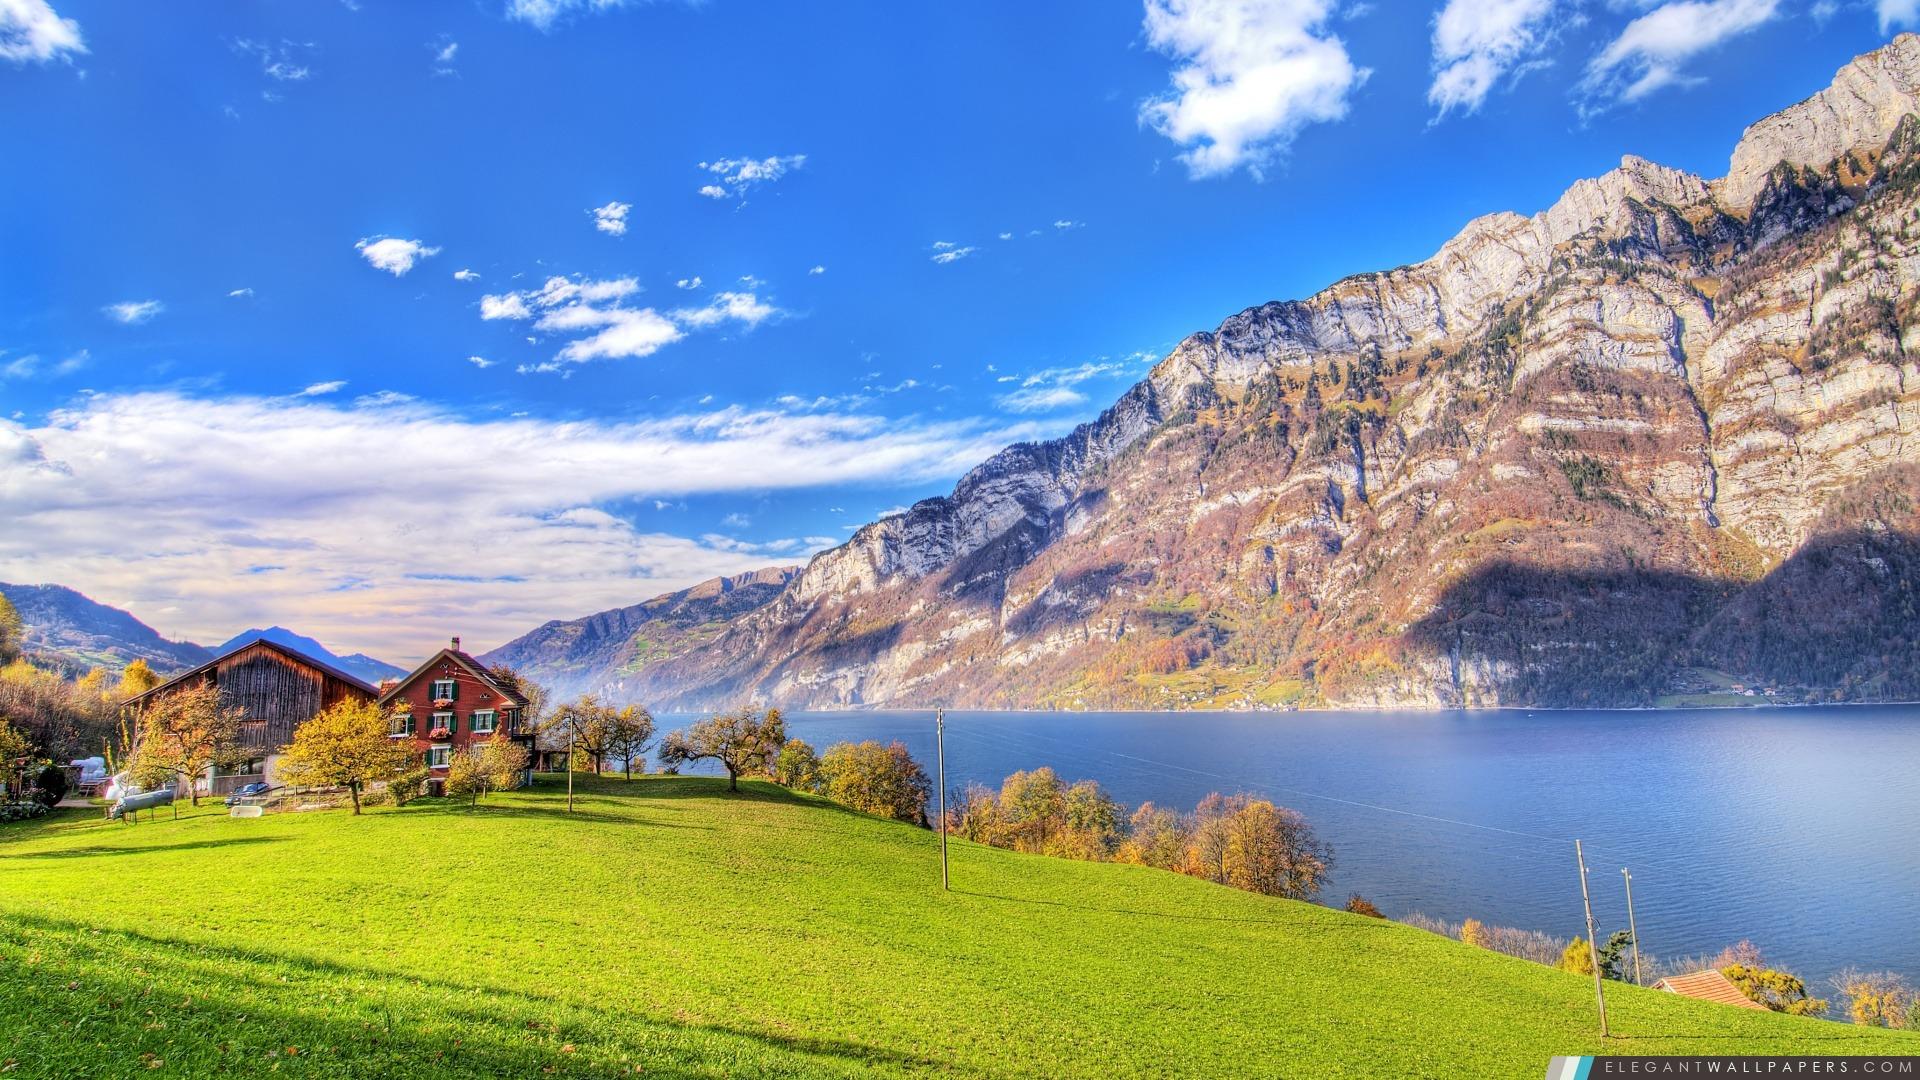 lac-en-suisse_1920x1080